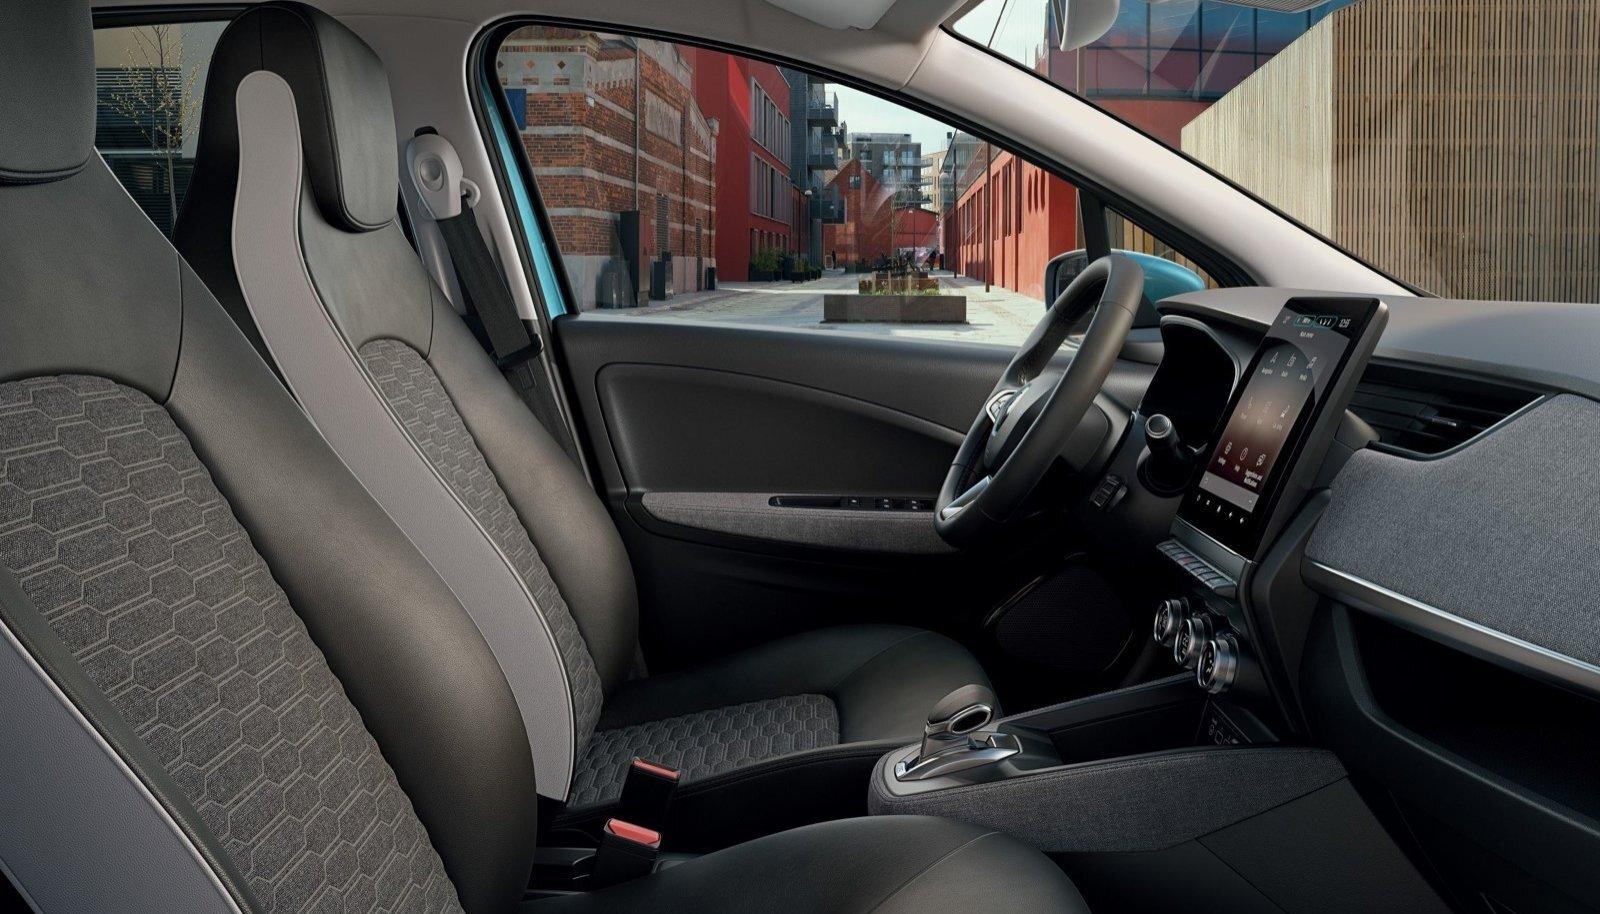 Uues Renault Zoe elektriautos on kasutusel ainulaadne materjal, mille valmistamisel on kasutatud turvavöösid, kanga ülejääke ja ümbertöötatud plastpudeleid.